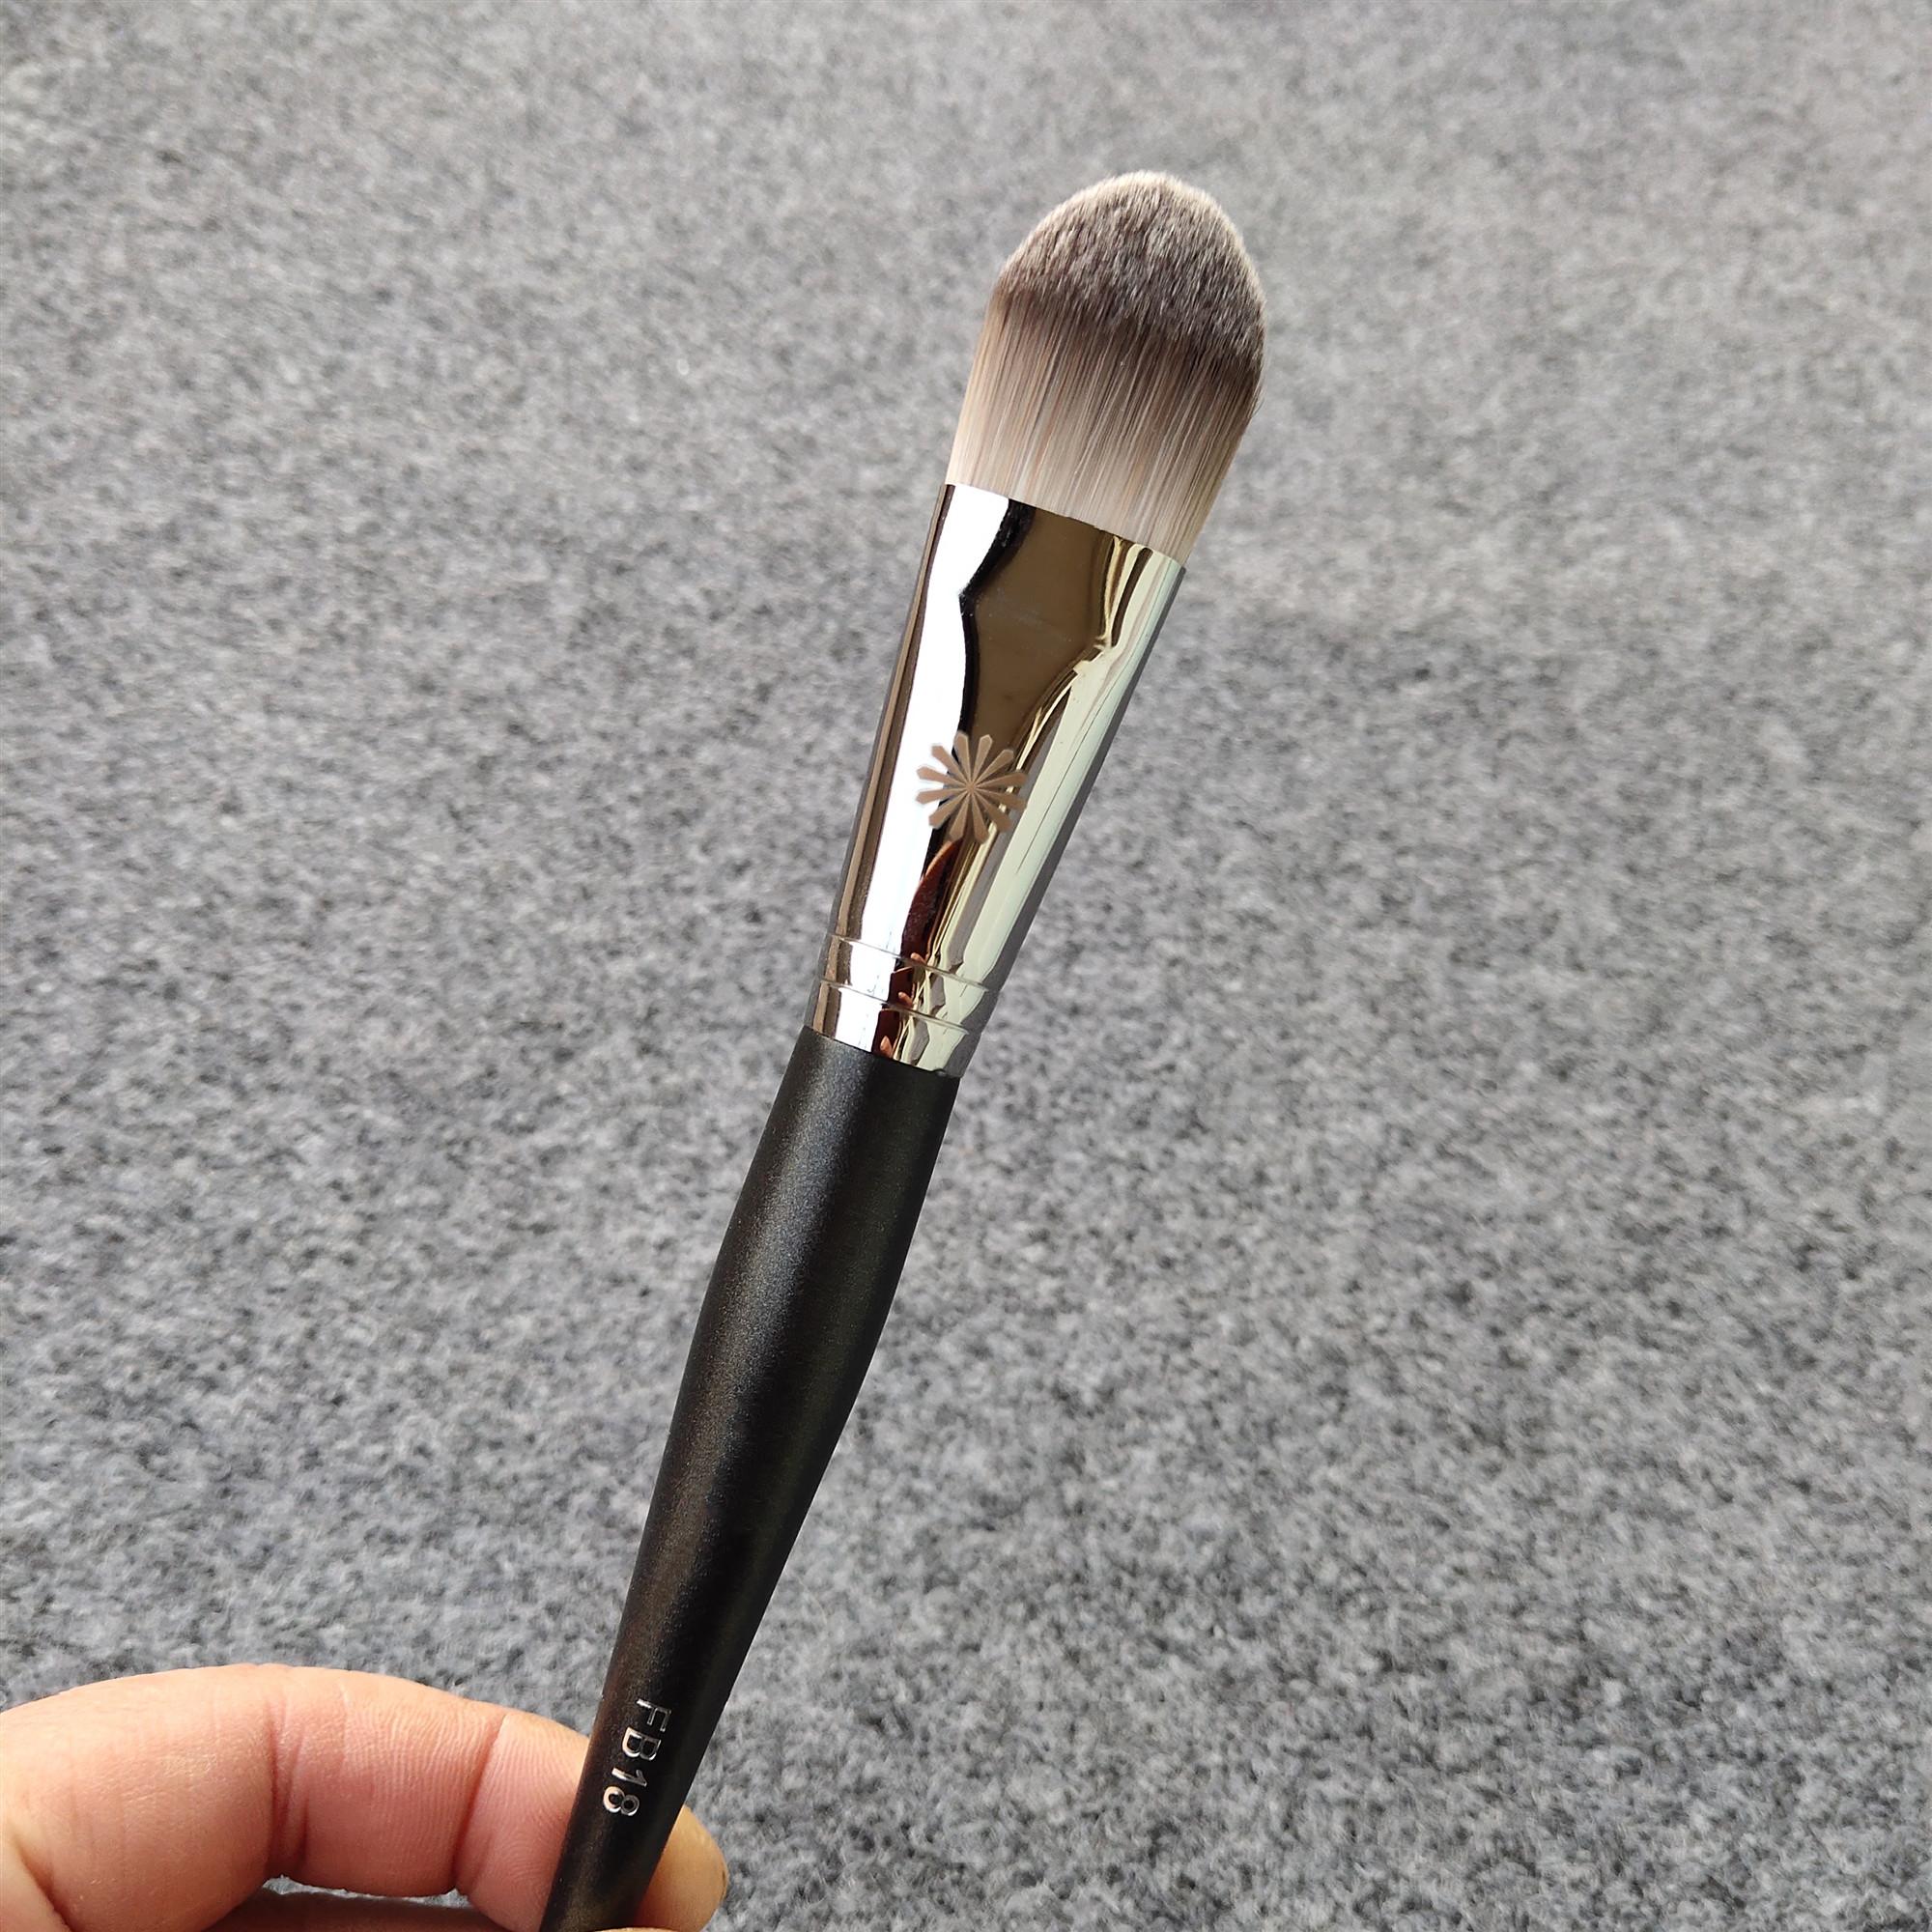 pony化妆刷毕加索FB18大号舌形粉底液刷BB霜刷面膜刷遮瑕刷纤维毛